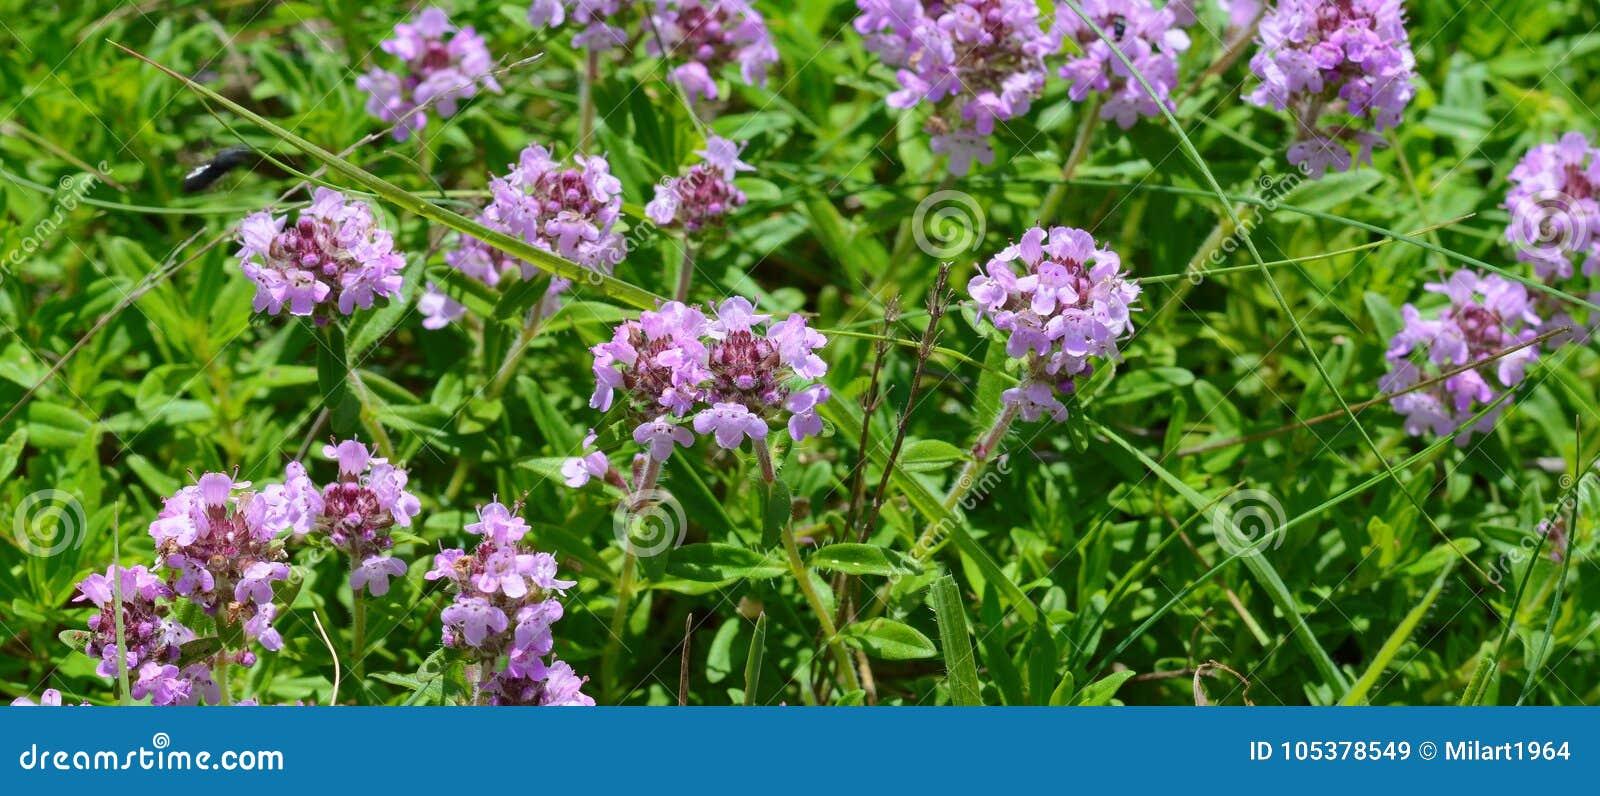 Thé de thym sur une table en bois Fleurs de thym en nature Le thym est utilisé généralement dans la cuisine et en phytothérapie